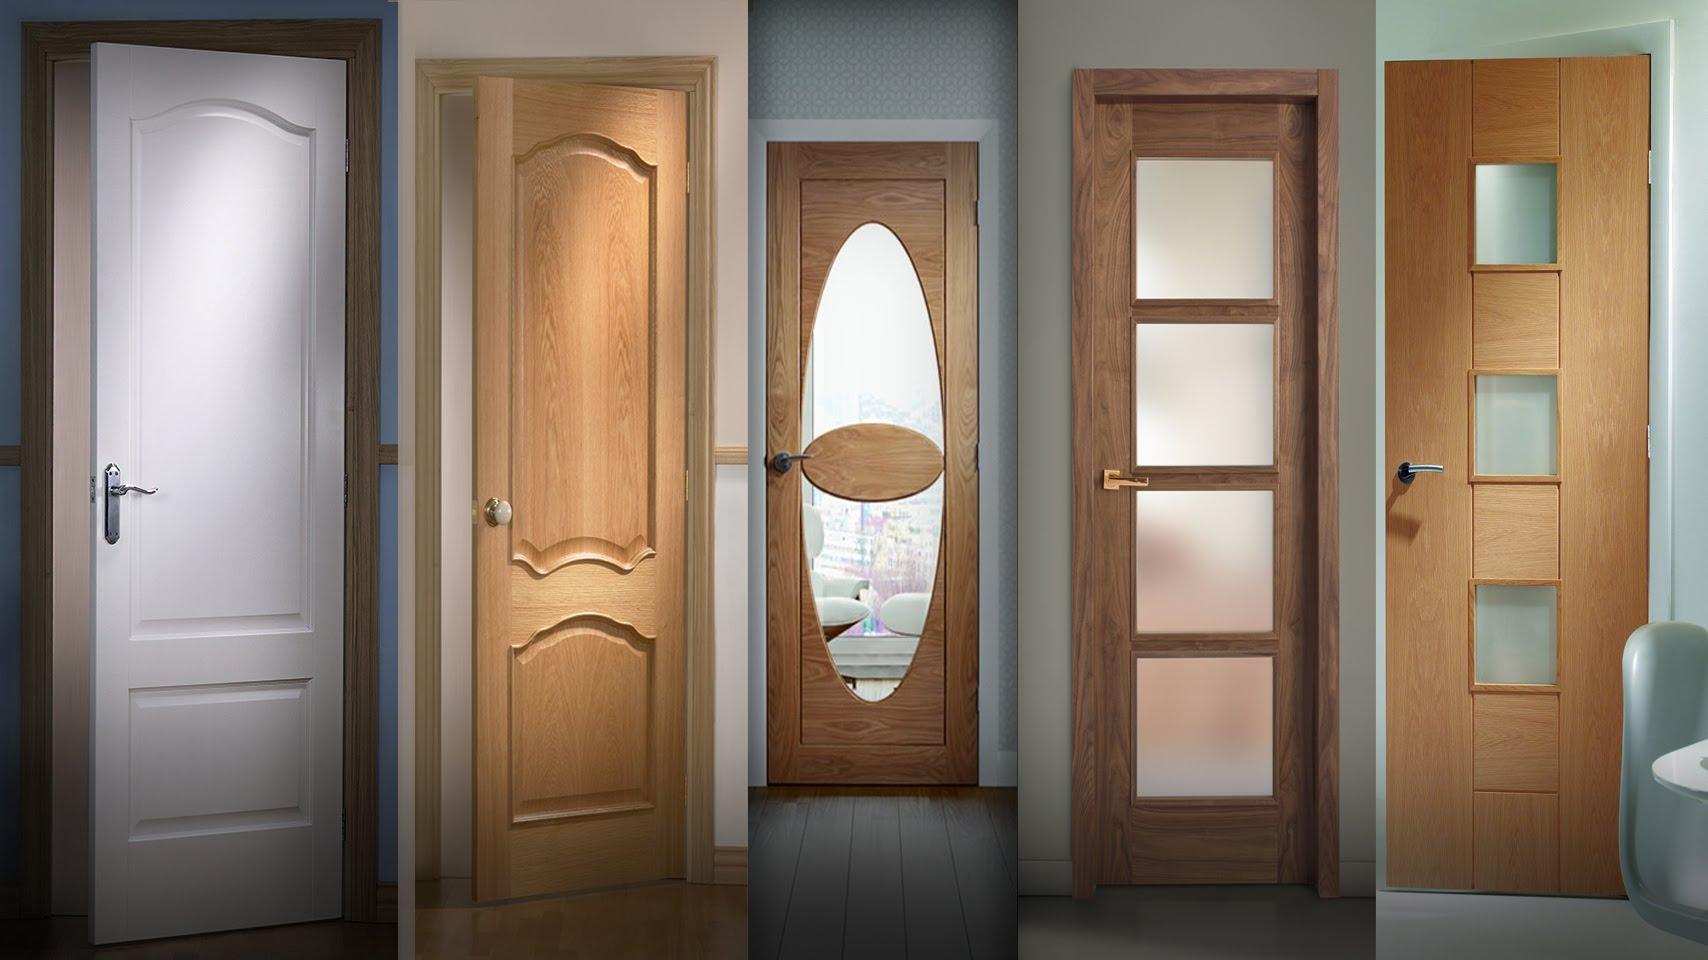 استفاده از درب ضد سرقت در خانه و بررسی ویژگی های آن